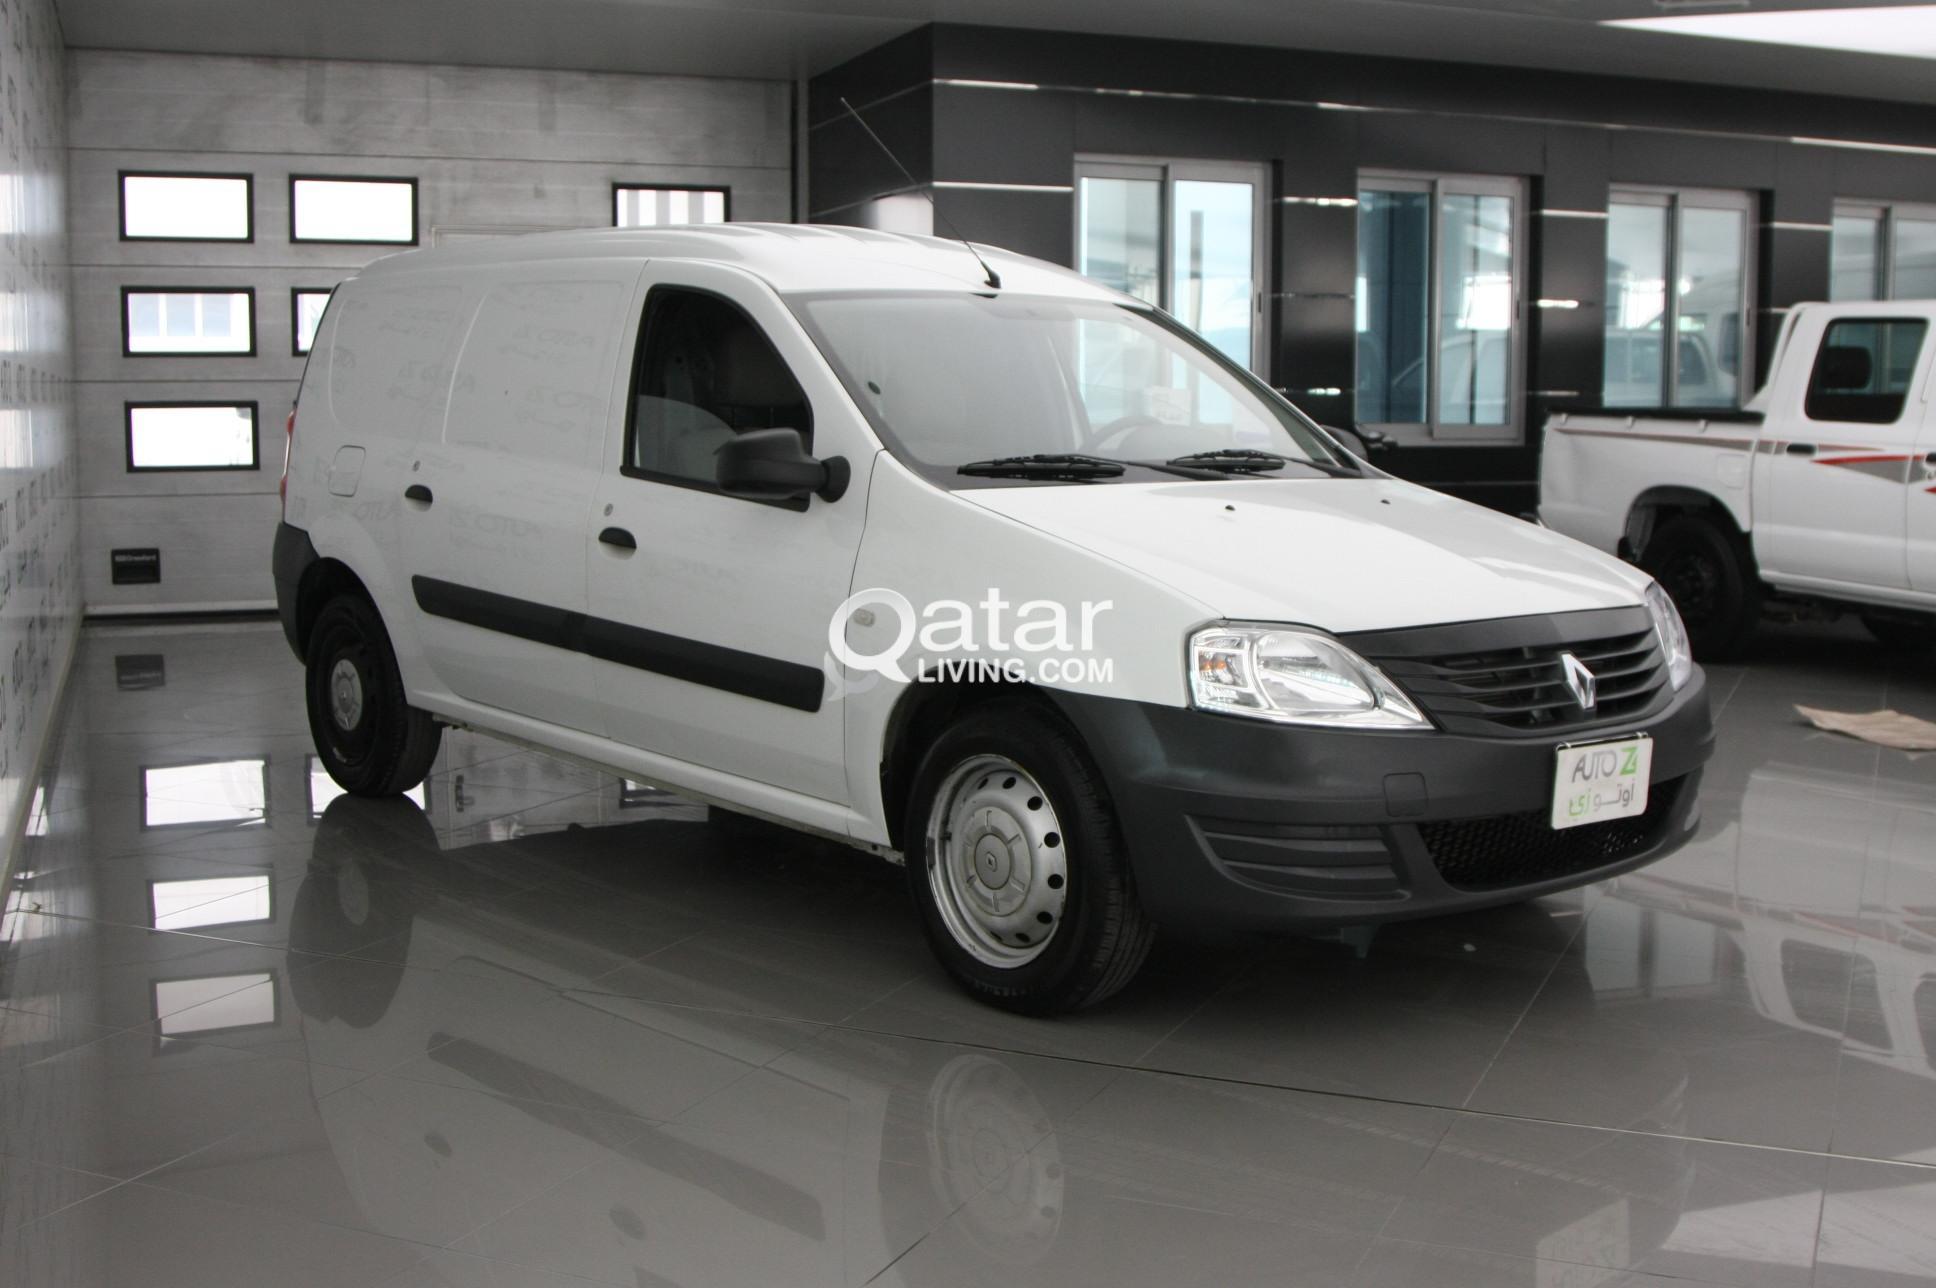 renault logan 2013 qatar living rh qatarliving com 2000 Renault Logan 2000 Renault Logan